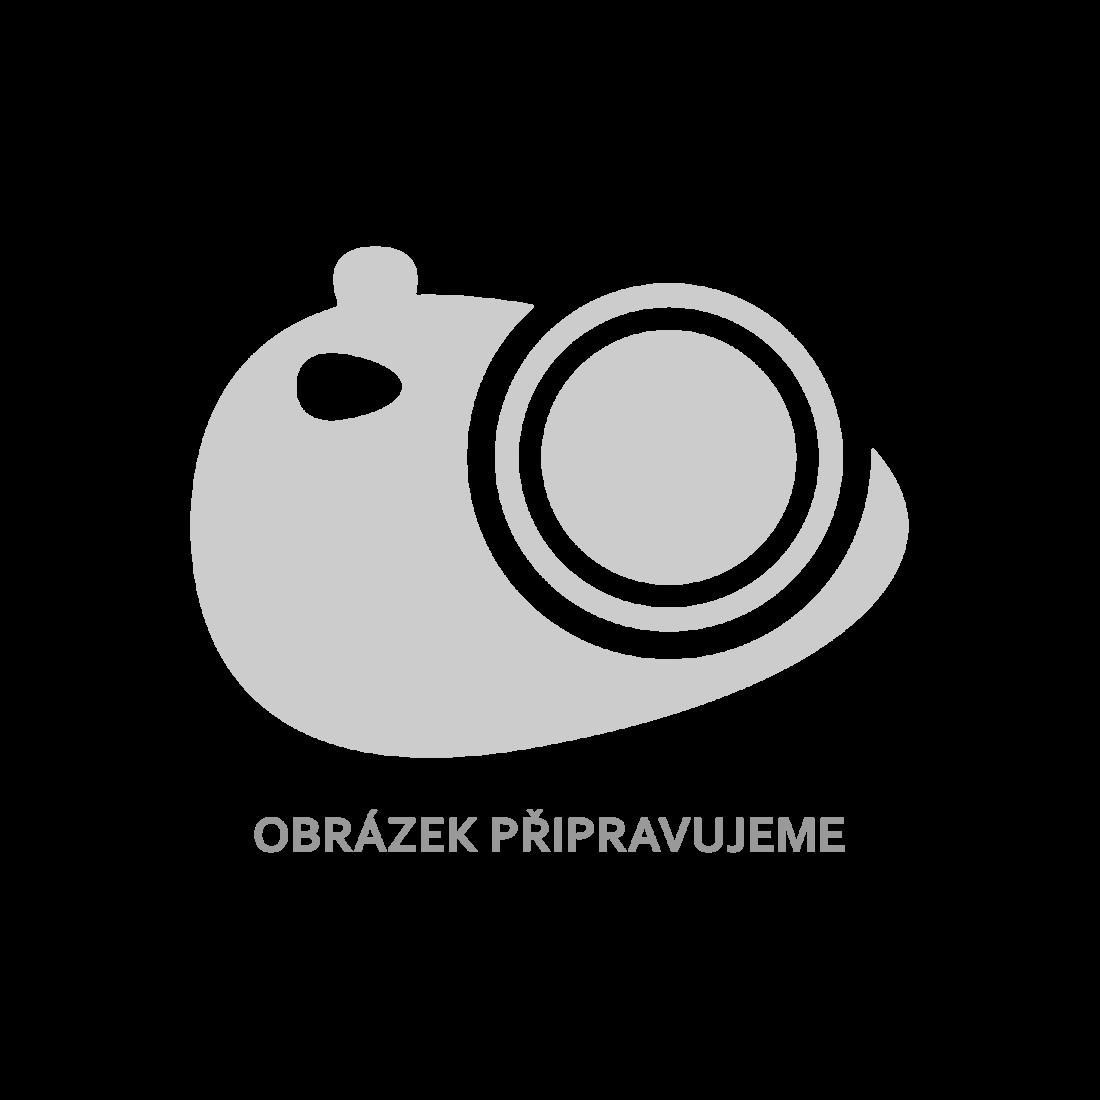 Botník dvoupatrový, zrcadlový, bílý 63x17x67 cm [243046]